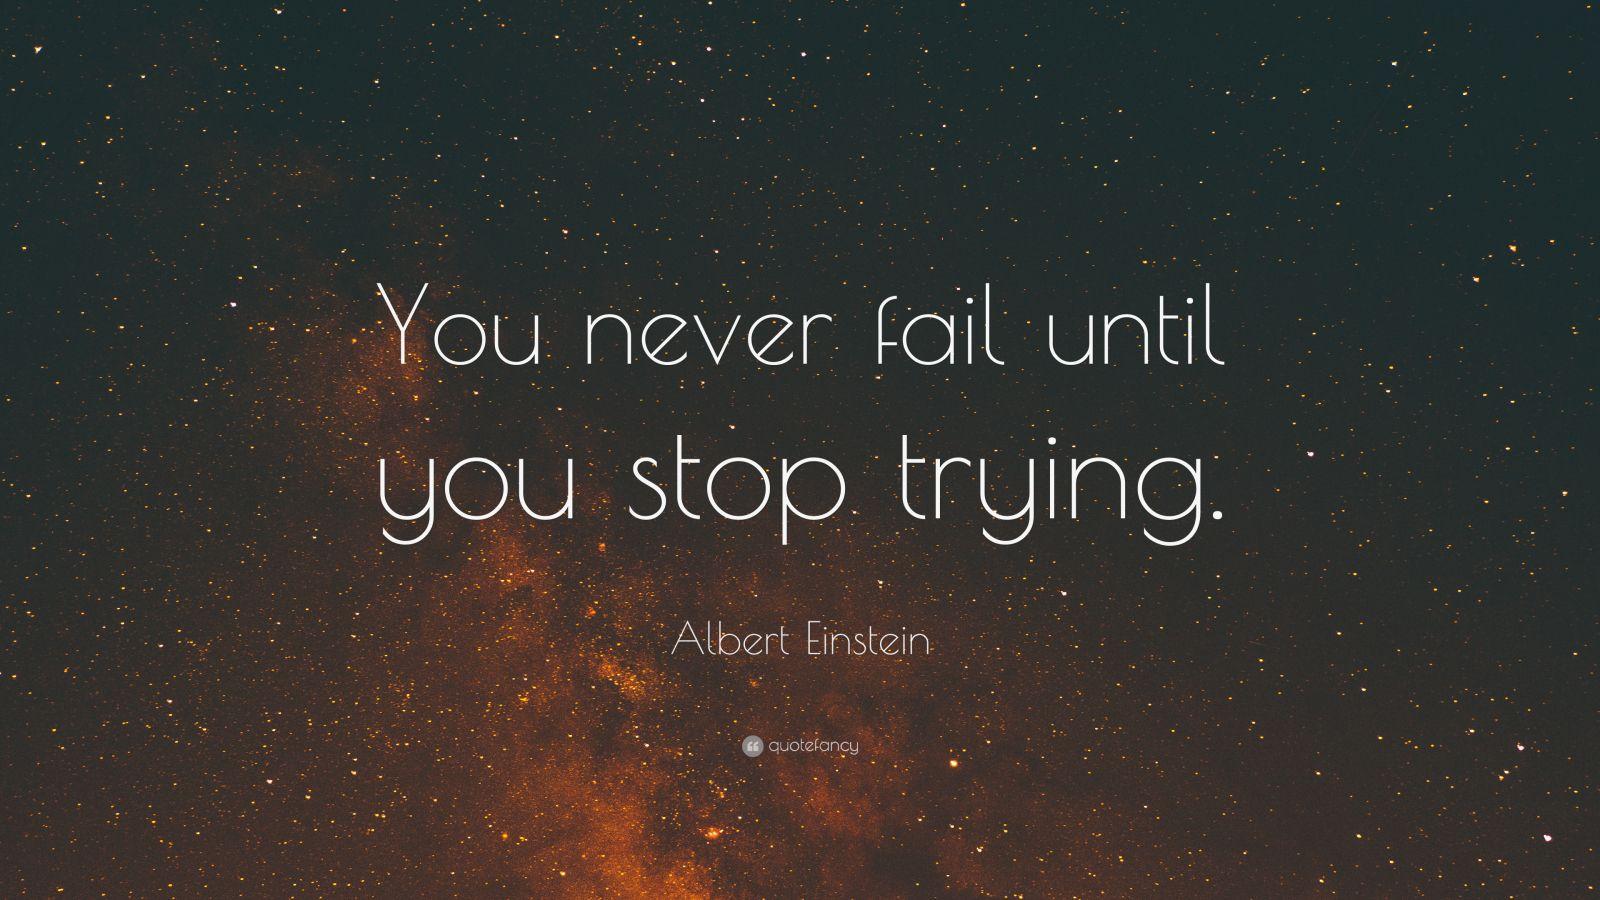 Albert Einstein Quotes 100 Wallpapers Quotefancy